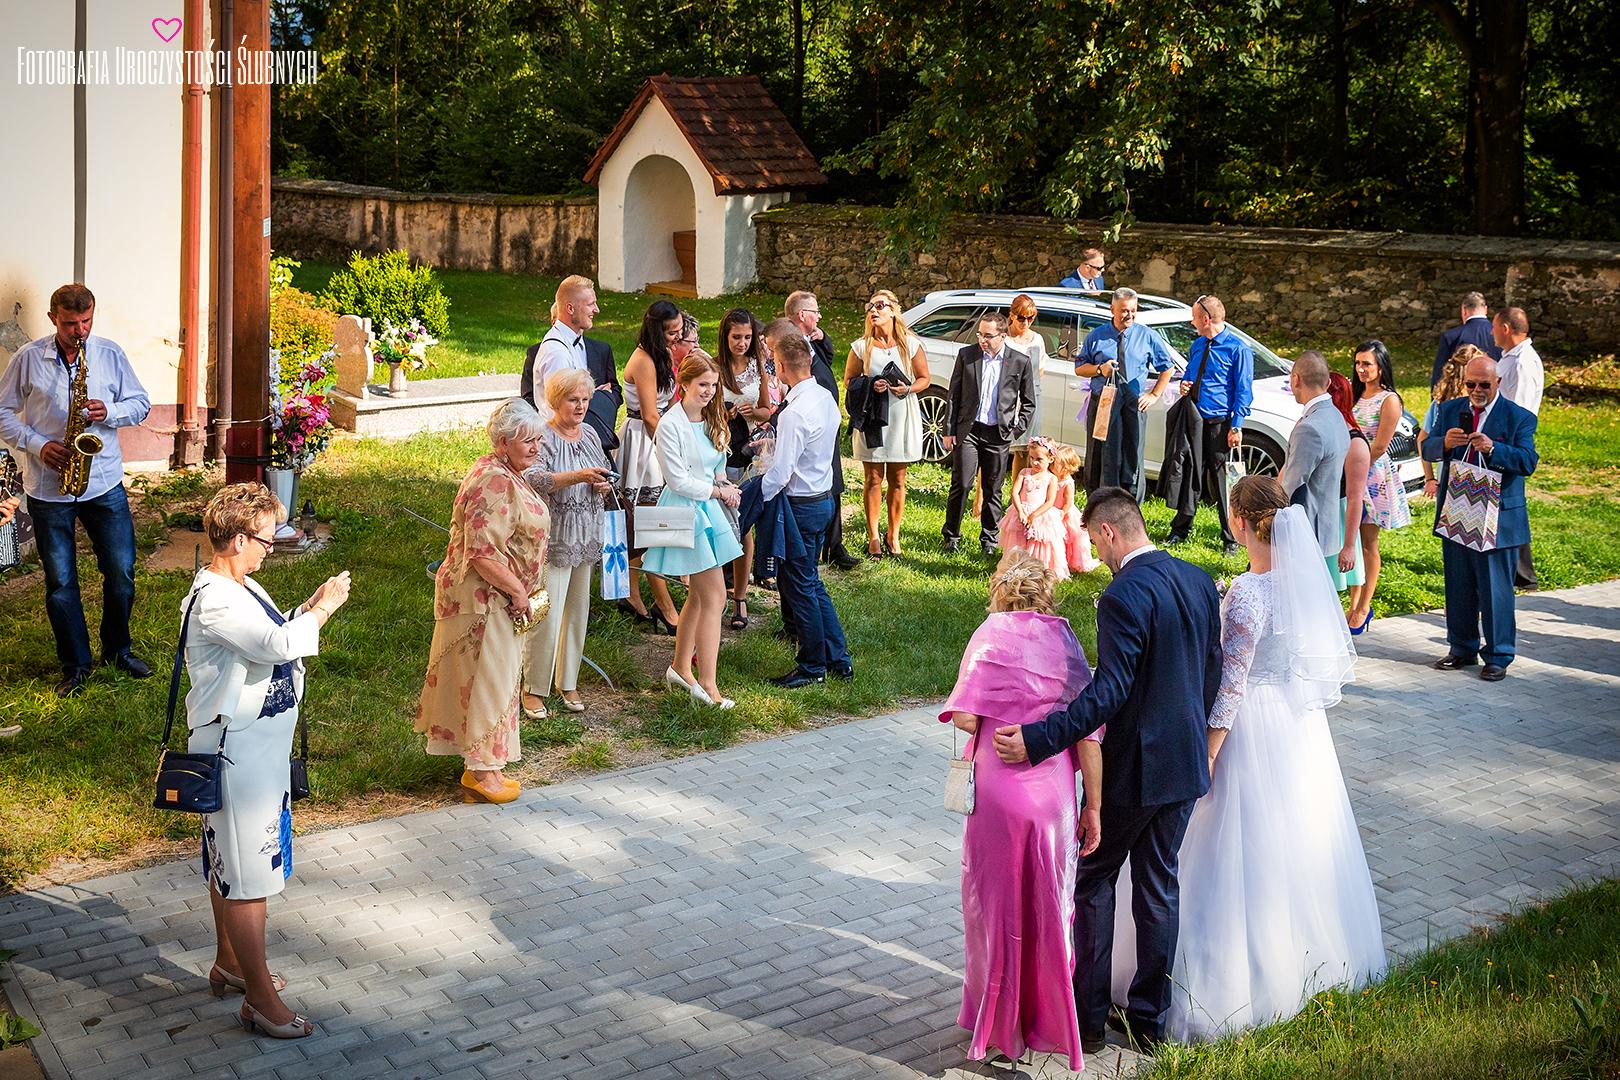 Profesjonalna i artystyczna fotografia ślubna, reportaże, sesje plenerowe Jelenia Góra i okolice. Zapraszam!